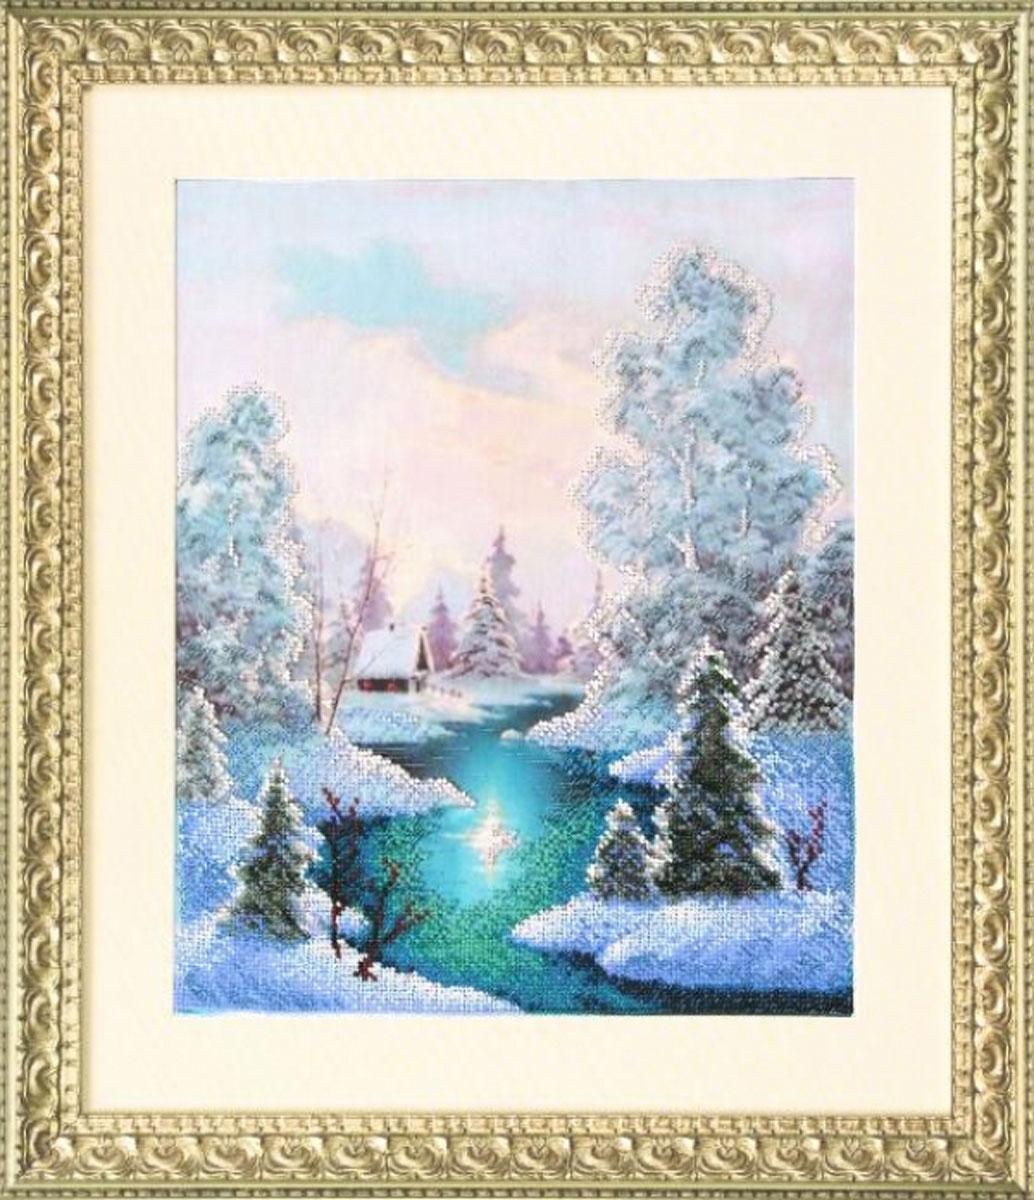 Набор для вышивания бисером Накануне Рождества, 28 х 34 см Б-650547214Набор для вышивания Накануне Рождества поможет вам создать свой личный шедевр - красивую картину, вышитую бисером. Работа, выполненная своими руками, станет отличным подарком для друзей и близких! Набор содержит: - канва с нанесенным рисунком (хлопок 100%), - бисер Preciosa Ornela (Чехия) - 18 цветов, - игла бисерная - 2 шт., - Инструкция на русском языке, - цветная схема для вышивания. УВАЖАЕМЫЕ КЛИЕНТЫ! Обращаем ваше внимание на тот факт, что рамка в комплект не входит, а служит для визуального восприятия товара.